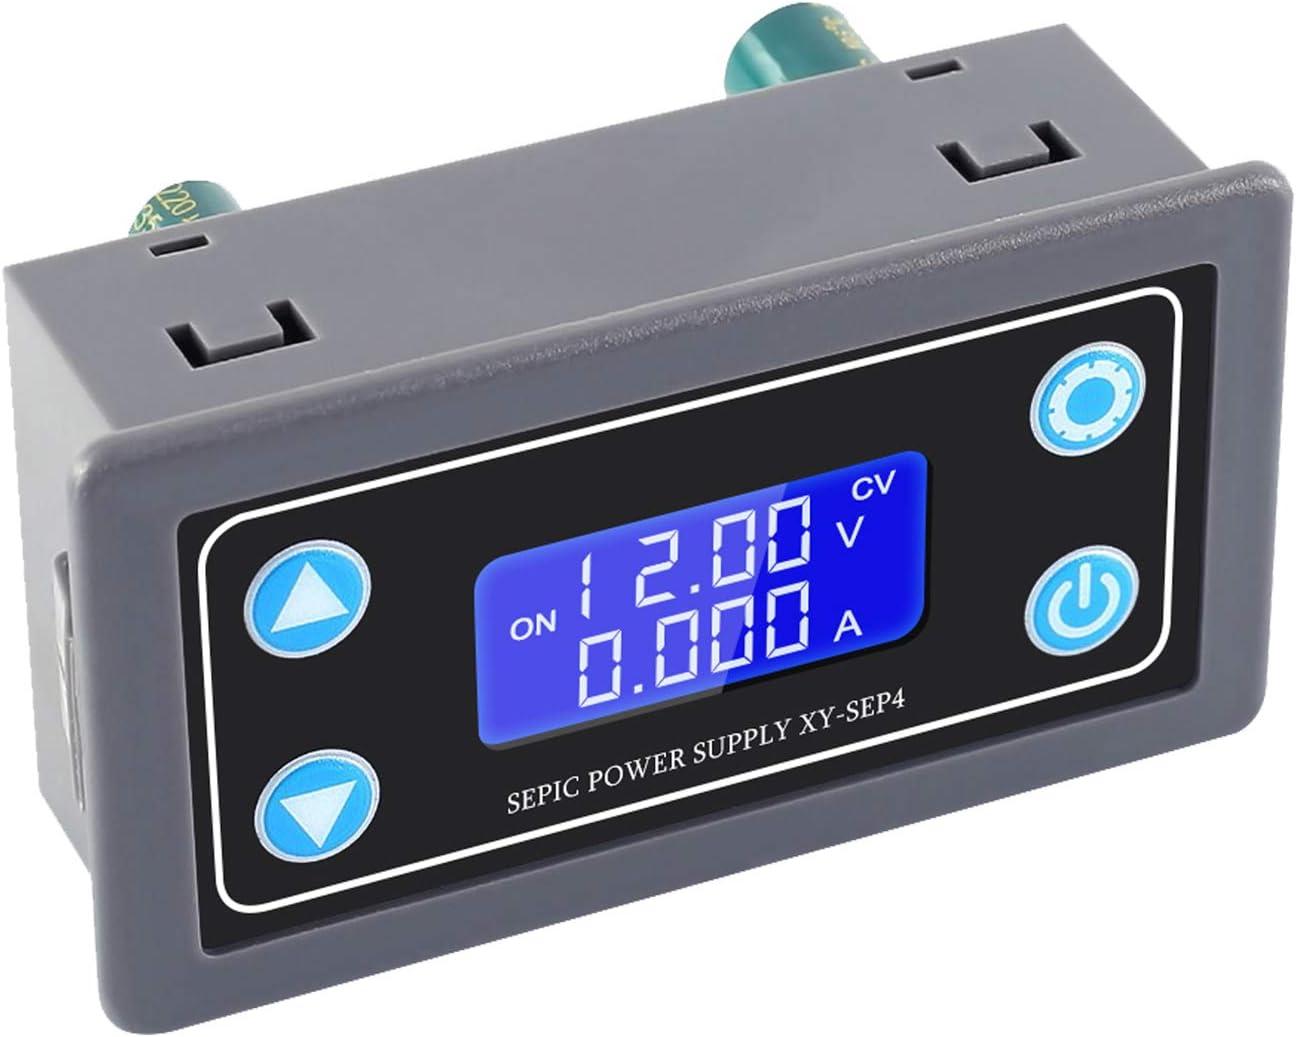 Icstation Buck Boost Converter DC 5.0V-30V to 0.5V-30V Step Up Down Supply Module Voltage Regulator Support Over-Charge /Current/ Voltage/ Short-Circuit Protection